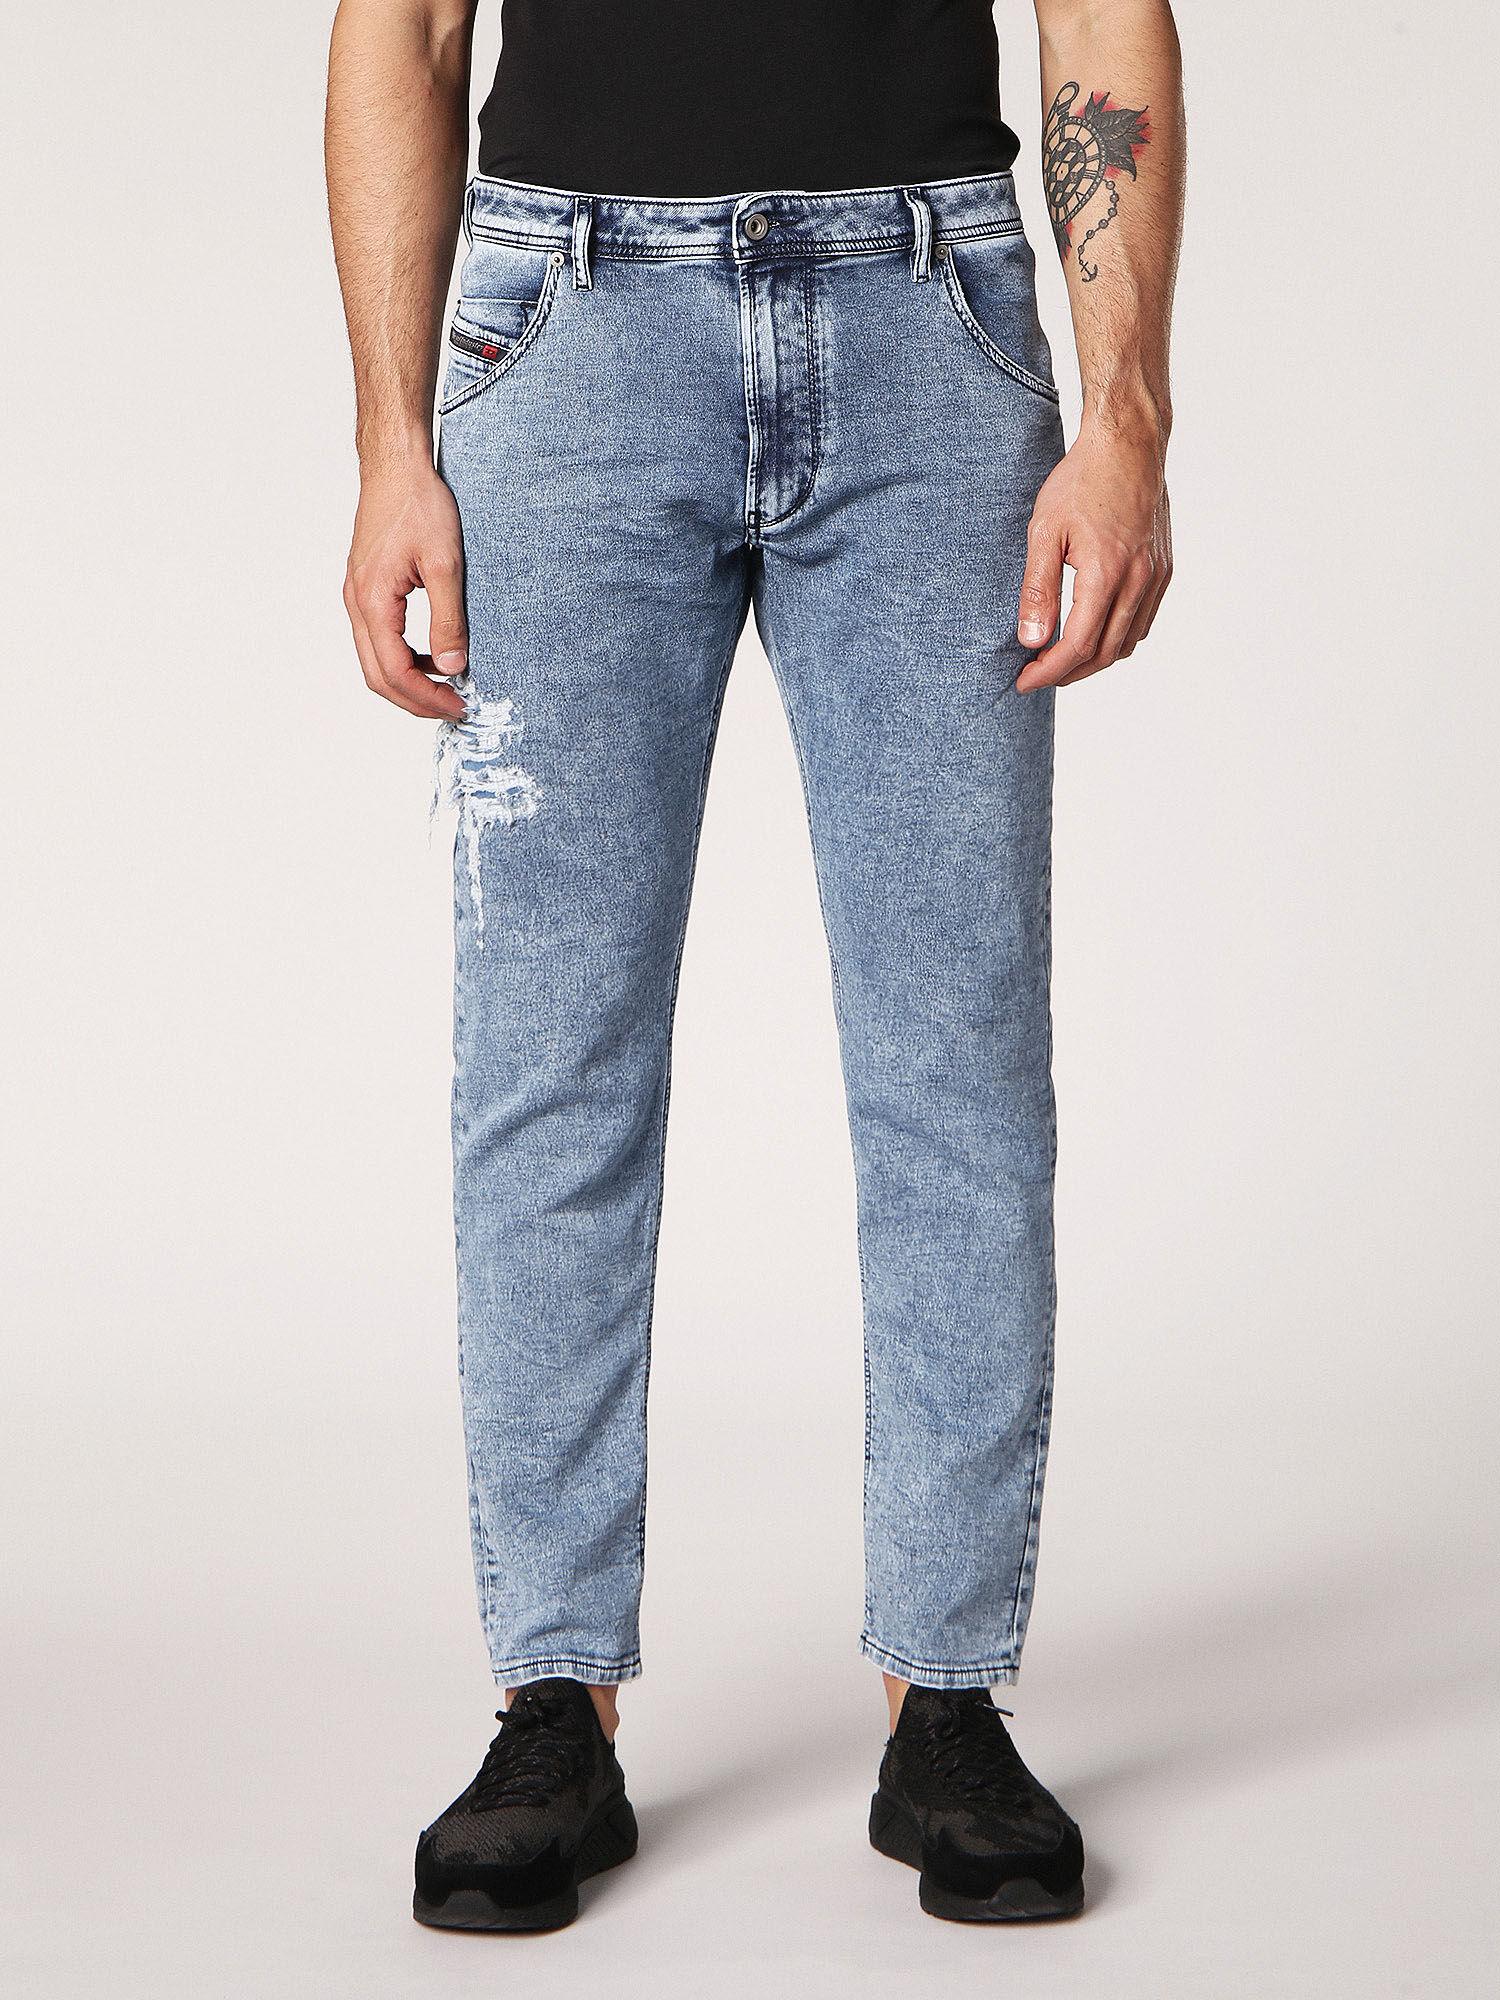 Jeans 084pv De Krooley-t - Diesel Bleu zVDwJNK5